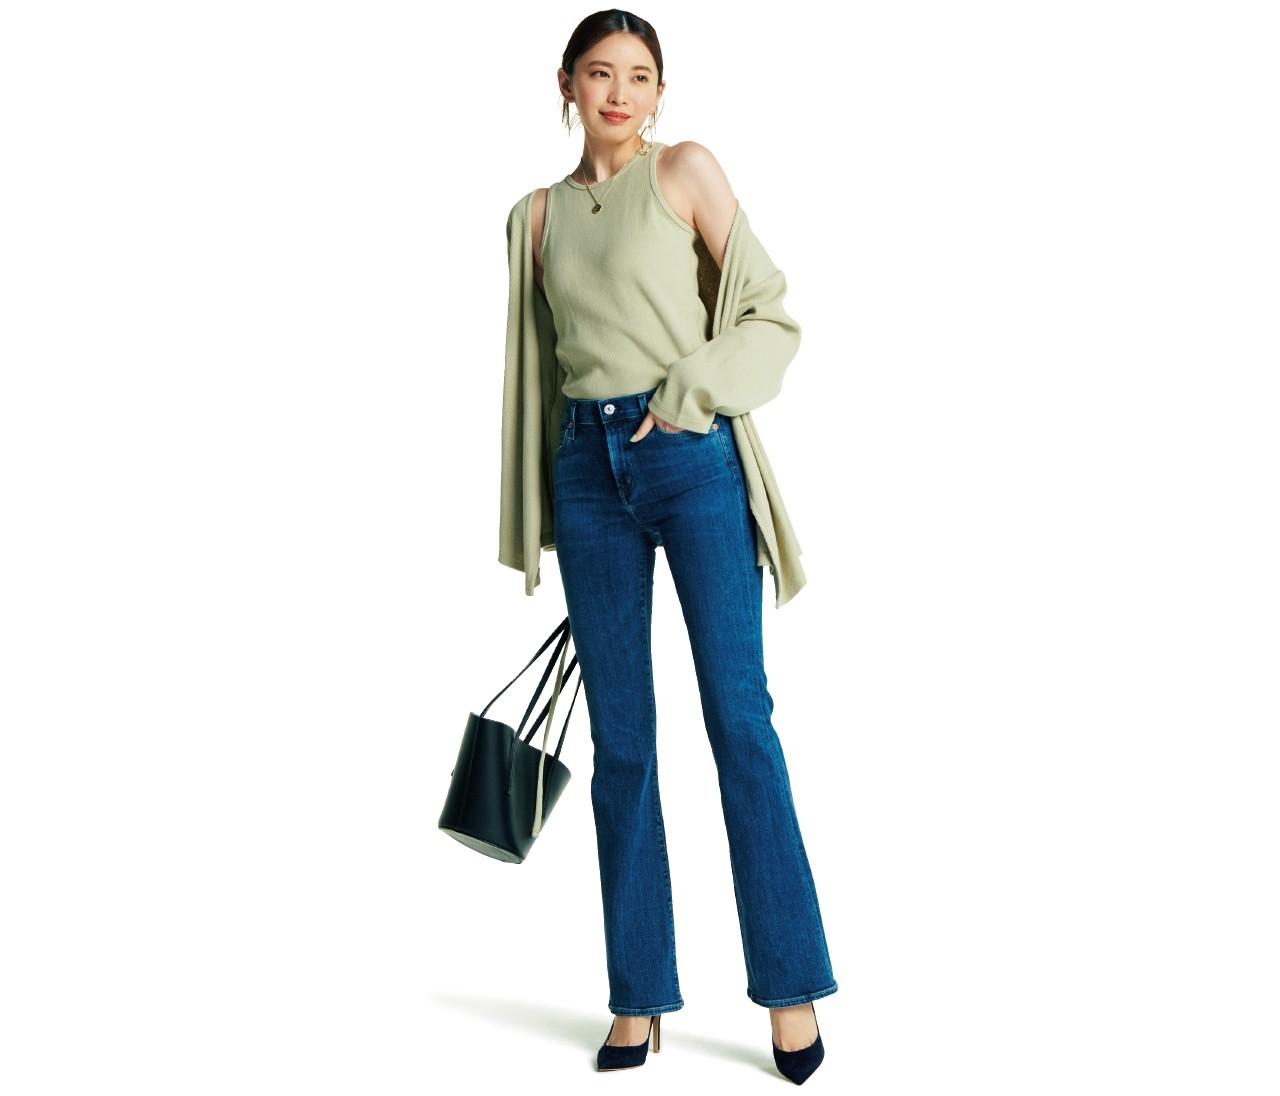 【百々千晴デニム】「ブルーデニム」はきれい色合わせでキャッチーに着る!